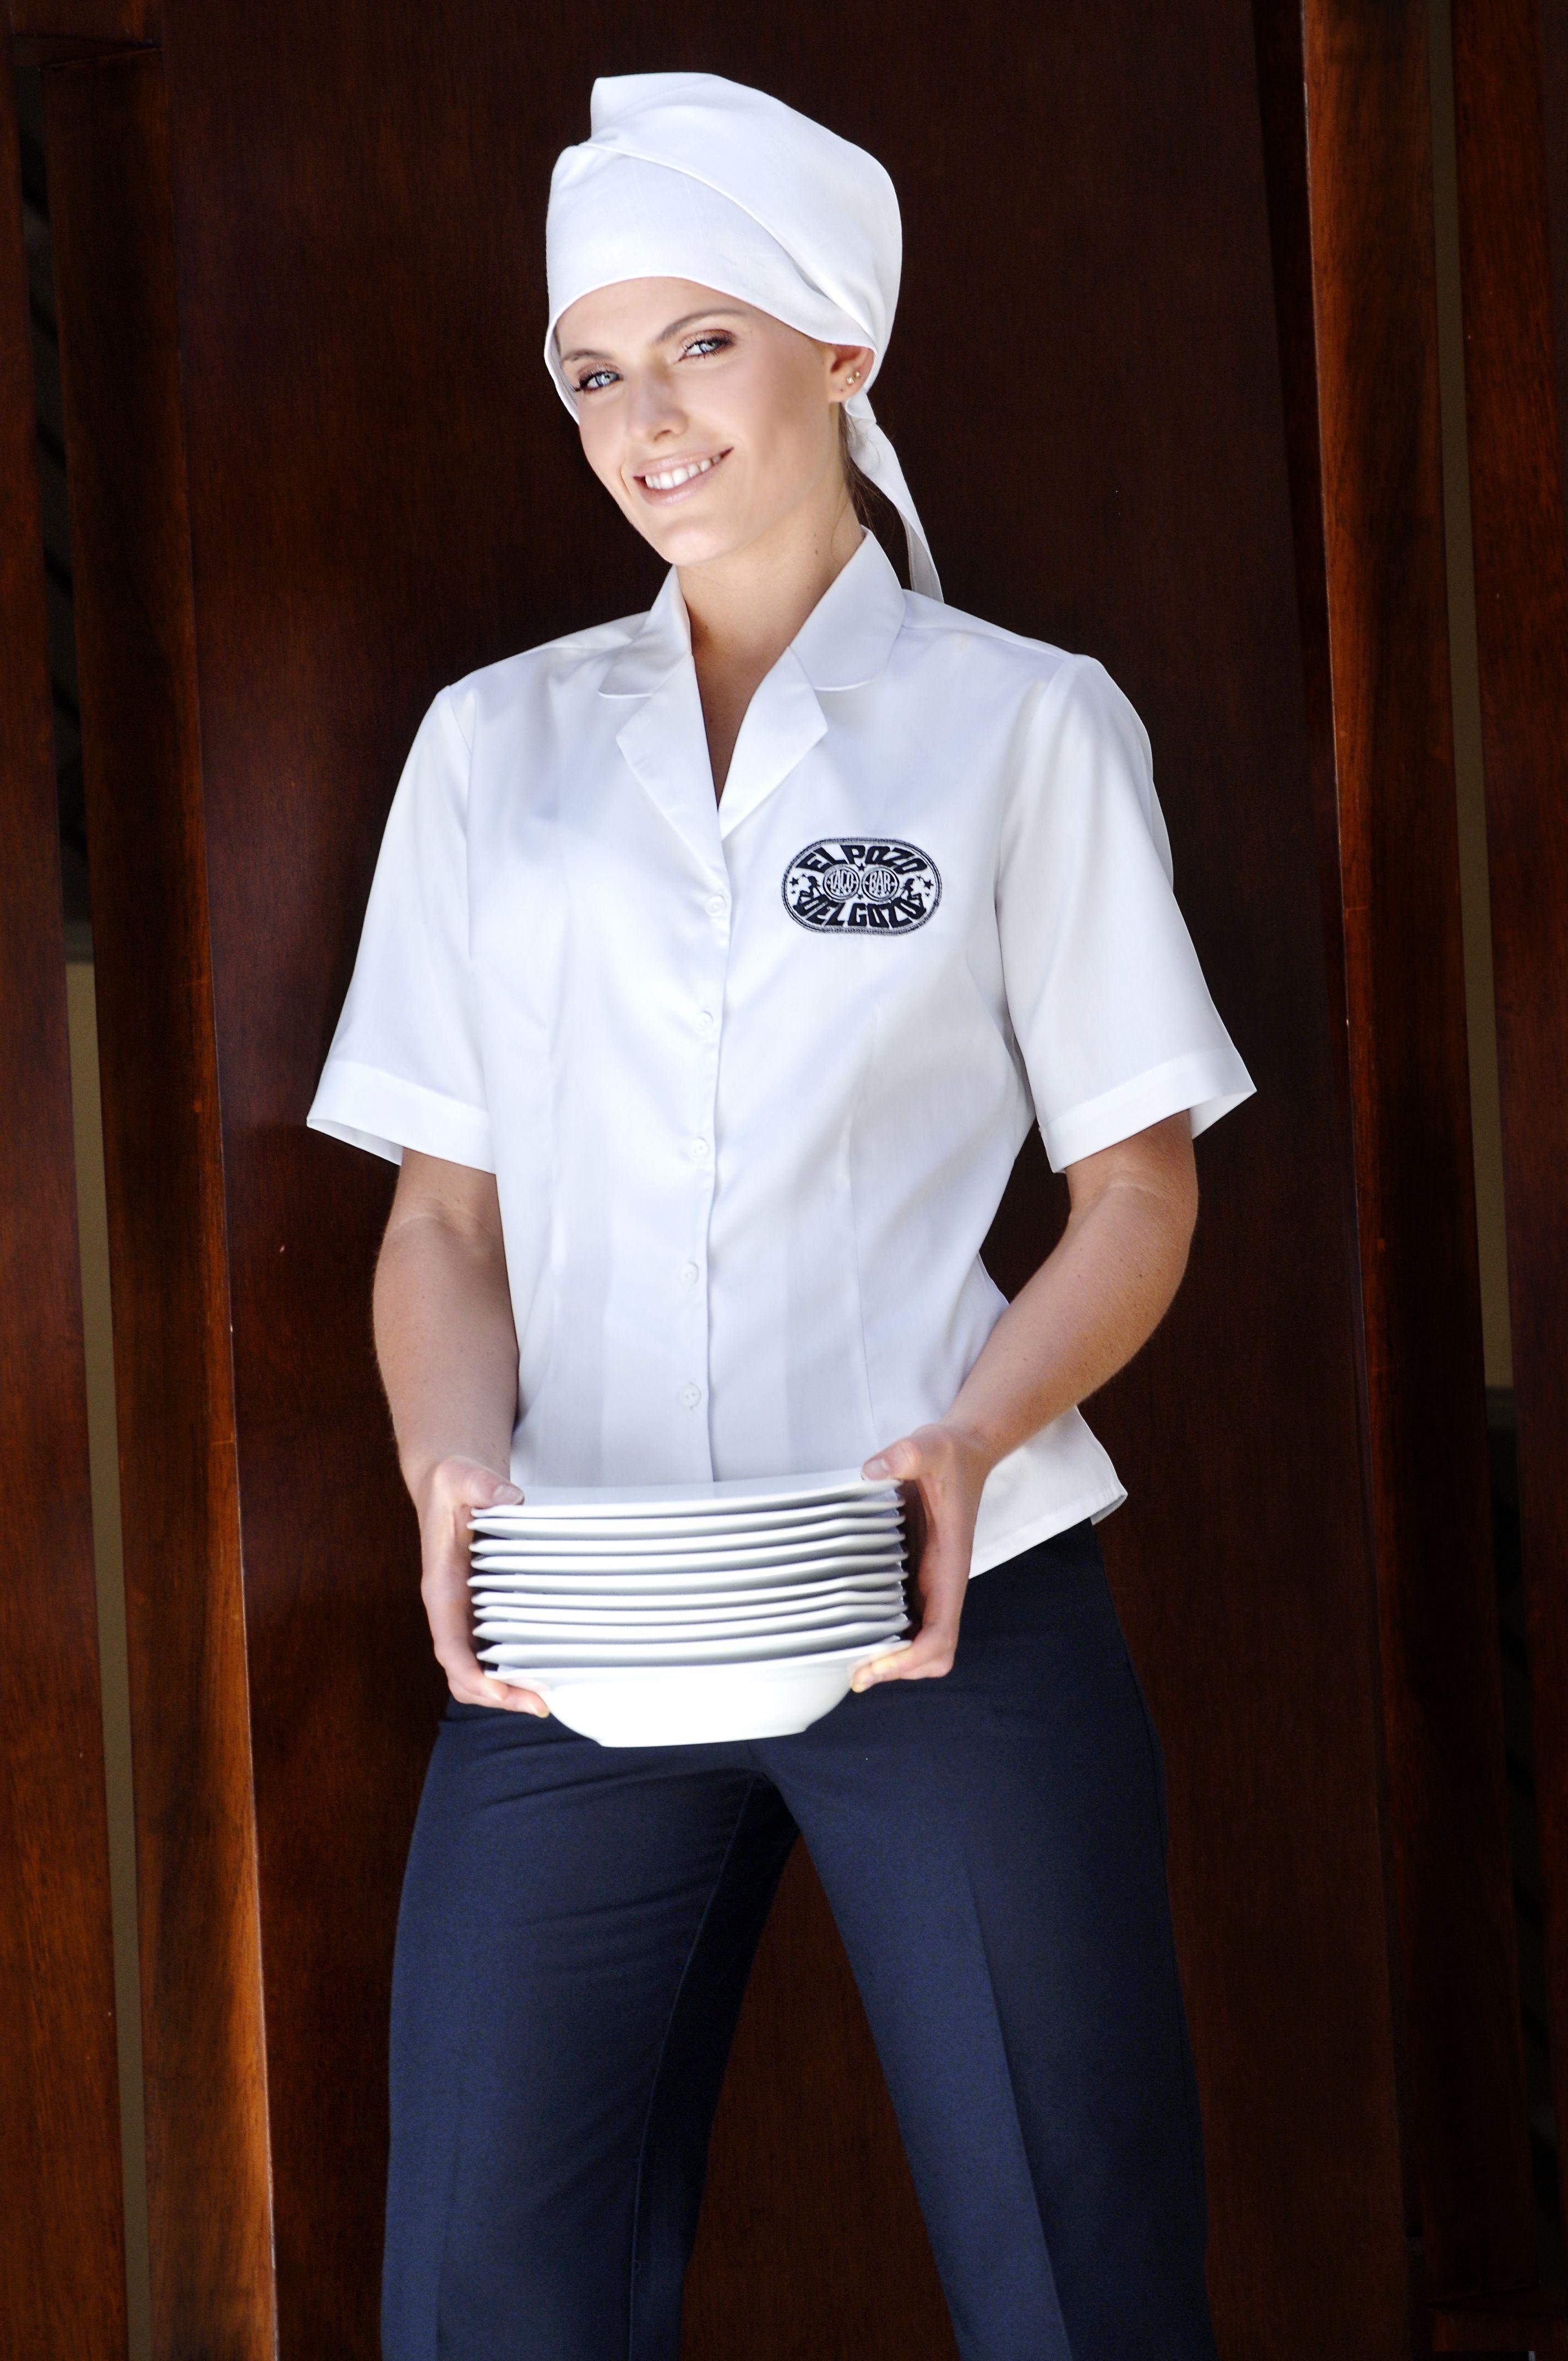 Pin de creaciones red en uniformes de mujer pinterest - Uniformes de cocina ...